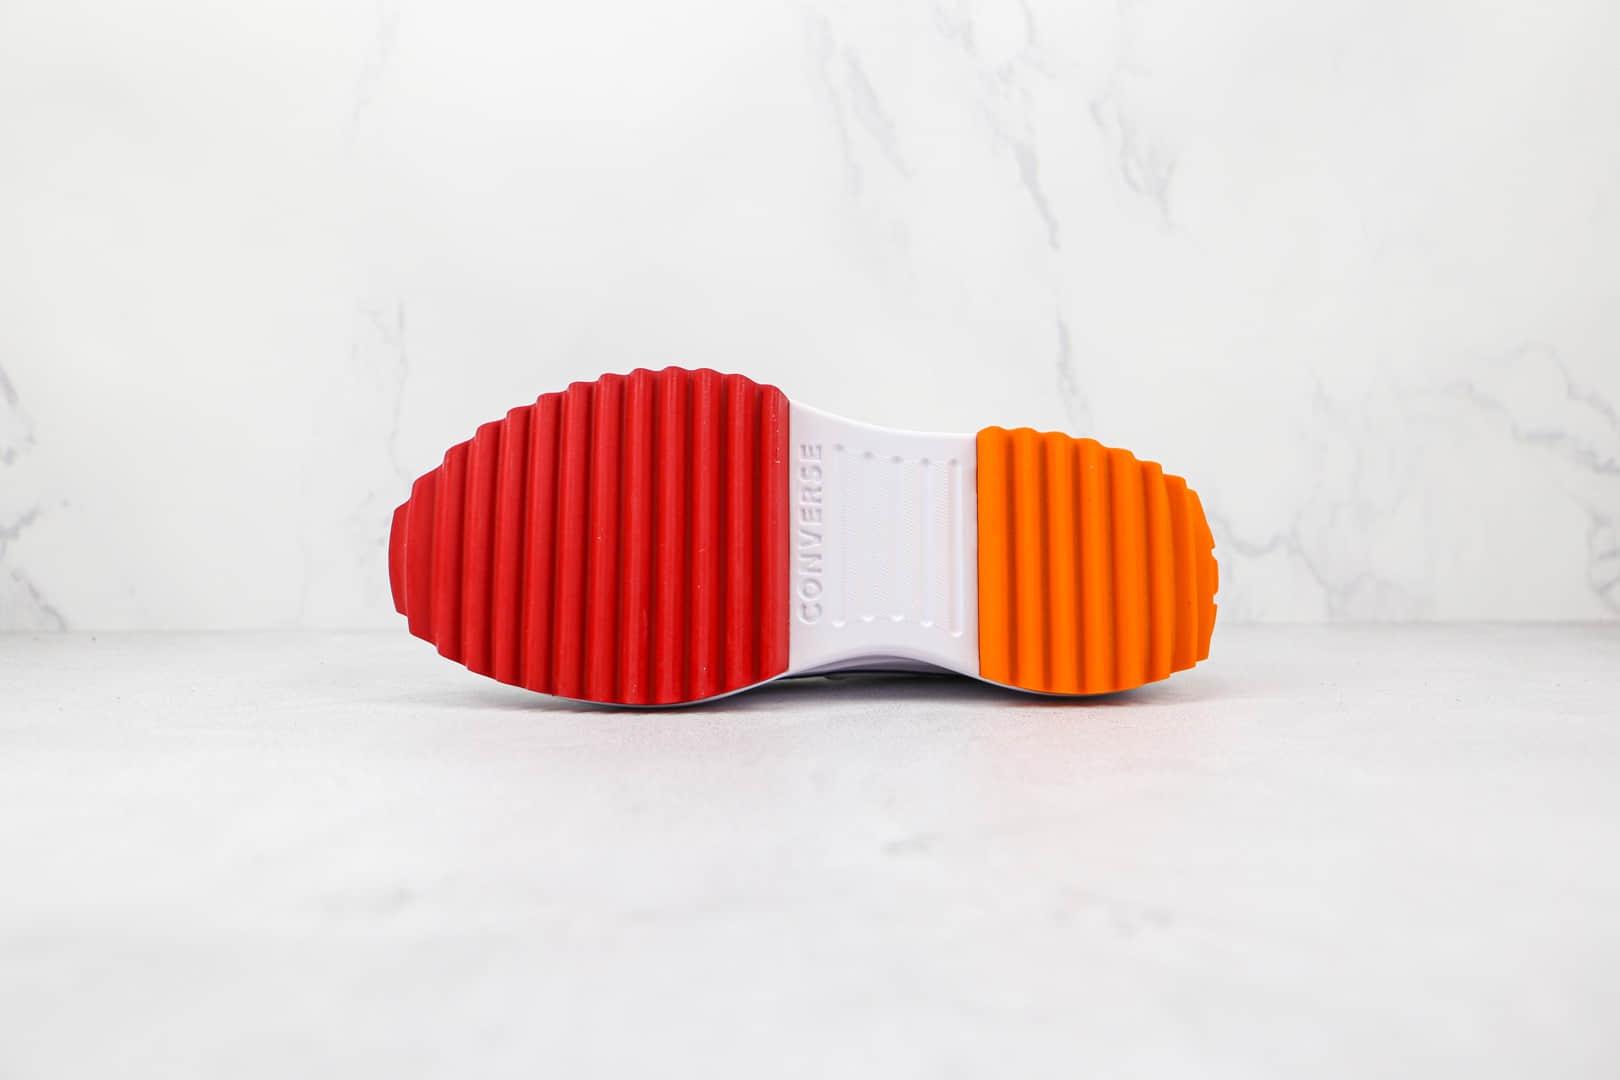 匡威Converse Run Star Hike公司级版本高帮白色彩虹厚底锯齿增高鞋原盒原标 货号:170824C